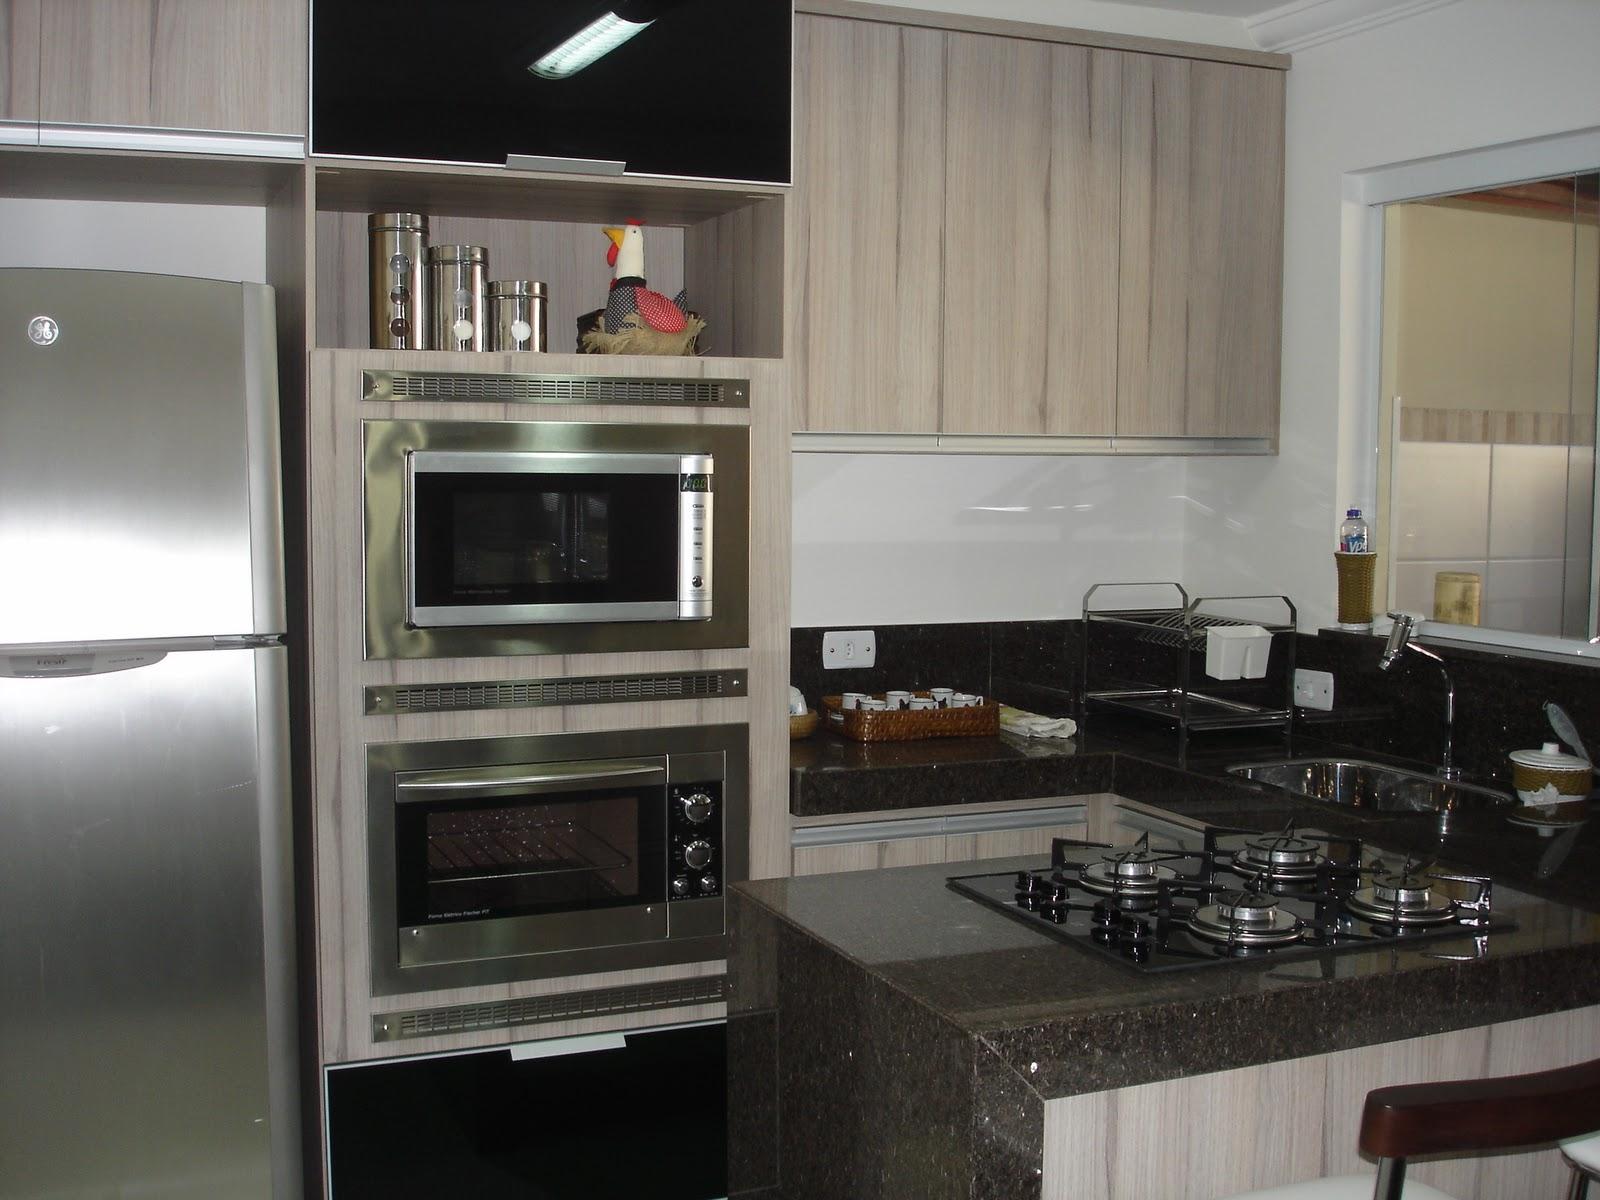 Decorao E Projetos Projetos De Cozinhas Com Ilha Central Holidays OO #5D4D43 1600 1200